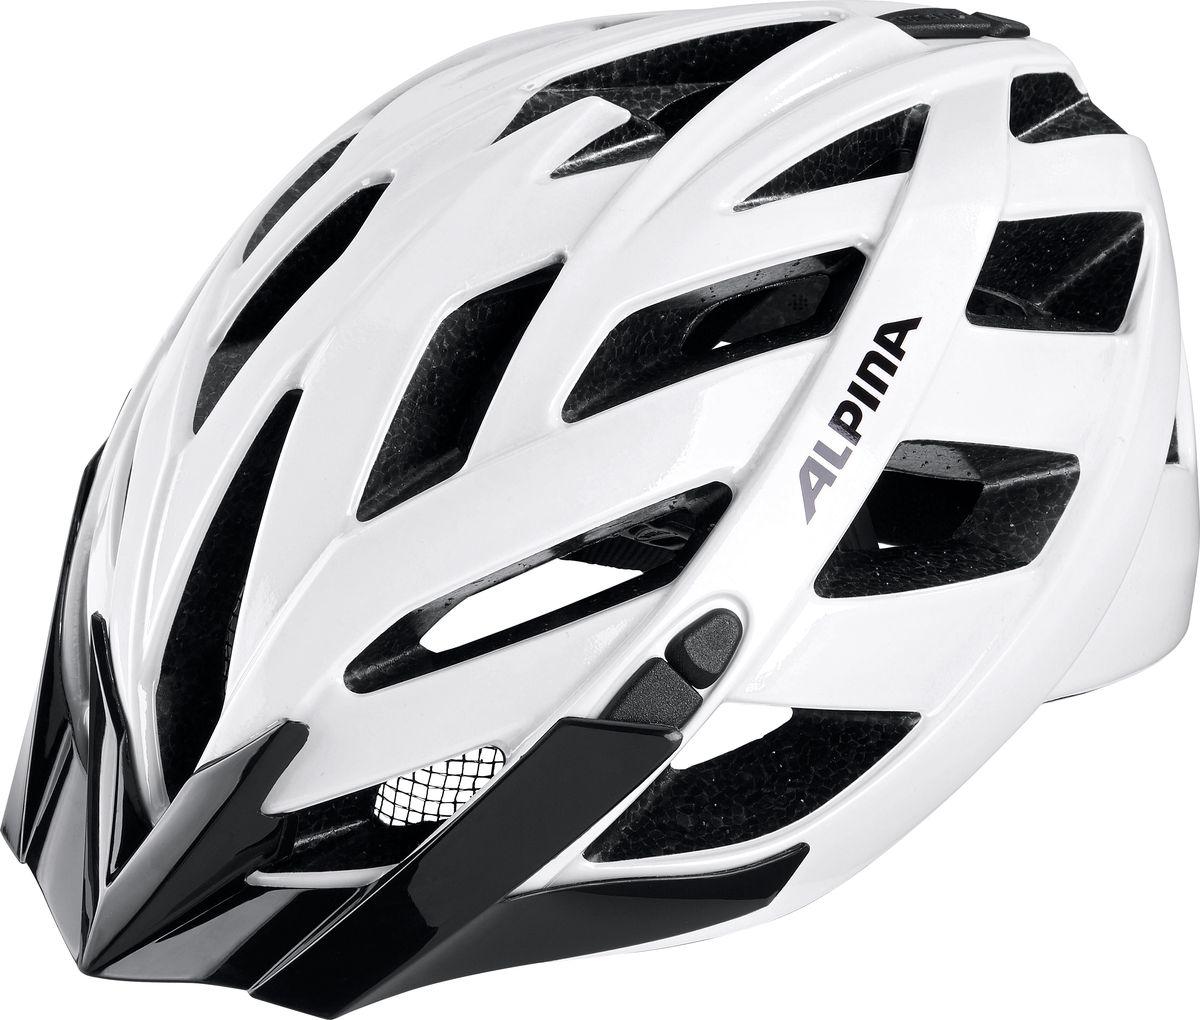 Шлем летний Alpina Panoma Classic, цвет: белый. A9703110. Размер 52/57A9703110Классический универсальный велосипедный шлем с превосходной посадкой. Panoma - верный компаньон в ежедневных поездках до работы и выездов по выходным. 23 вентиляционных отверстия. Безопасность: Оболочка Inmold Производственный процесс заключается в нагревании до высокой температуры внешней поликарбонатной оболочки и запекании ее на EPS-тело шлема под высоким давлением. Этот процесс создает неразрывную связь по всей поверхности между внутренней и внешней оболочками, благодаря этому шлем получается не только очень легким, но и чрезвычайно стабильным. Hi-EPS Внутренняя оболочка выполнена из Hi-EPS (вспениный полистирол). Этот материал состоит из множества микроскопических воздушных камер, которые эффективно поглощают силу удара. Hi-EPS обеспечивает оптимальную защиту в сочетании с экстратонкими стенками. Ceramic Материал объединяет несколько преимуществ: устойчив к ударам и царапинам, содержит ультрафиолетовые стабилизаторы и...